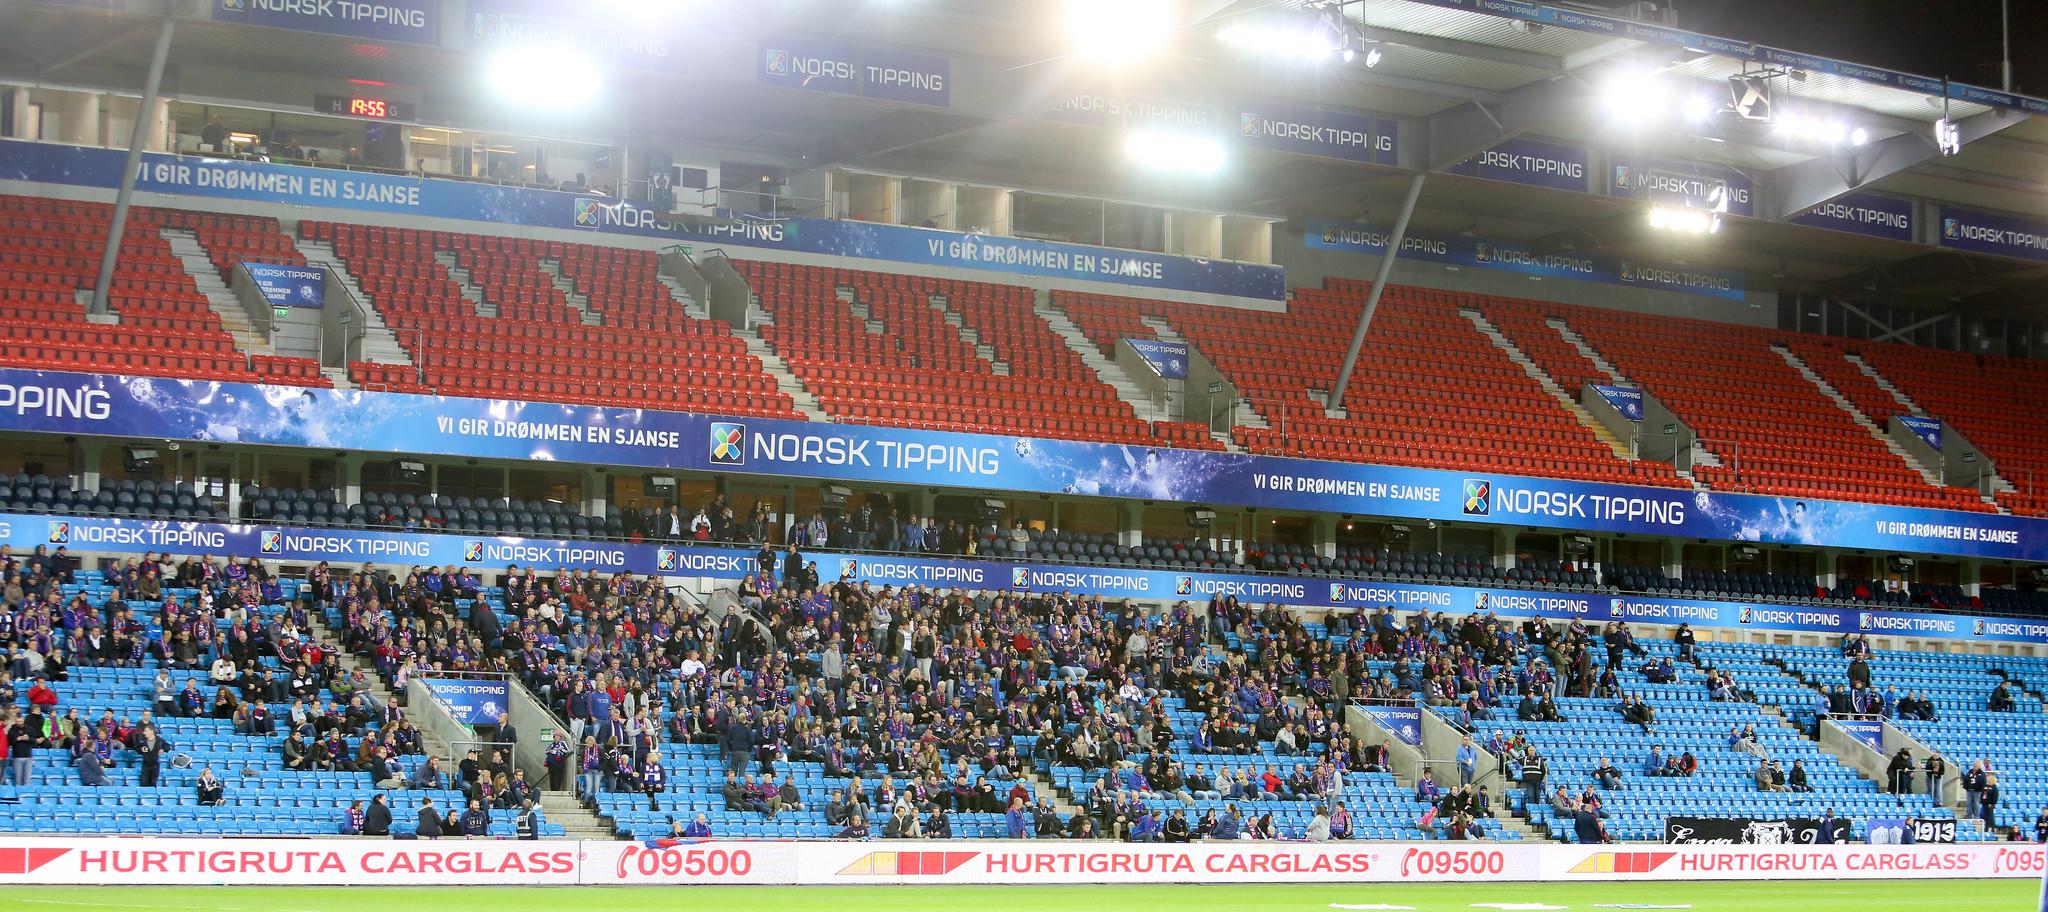 Bare 8.308 tilskuere hadde løst billett mot Start. Lang færre møtte faktisk opp. Foto: Eivind Hauger.